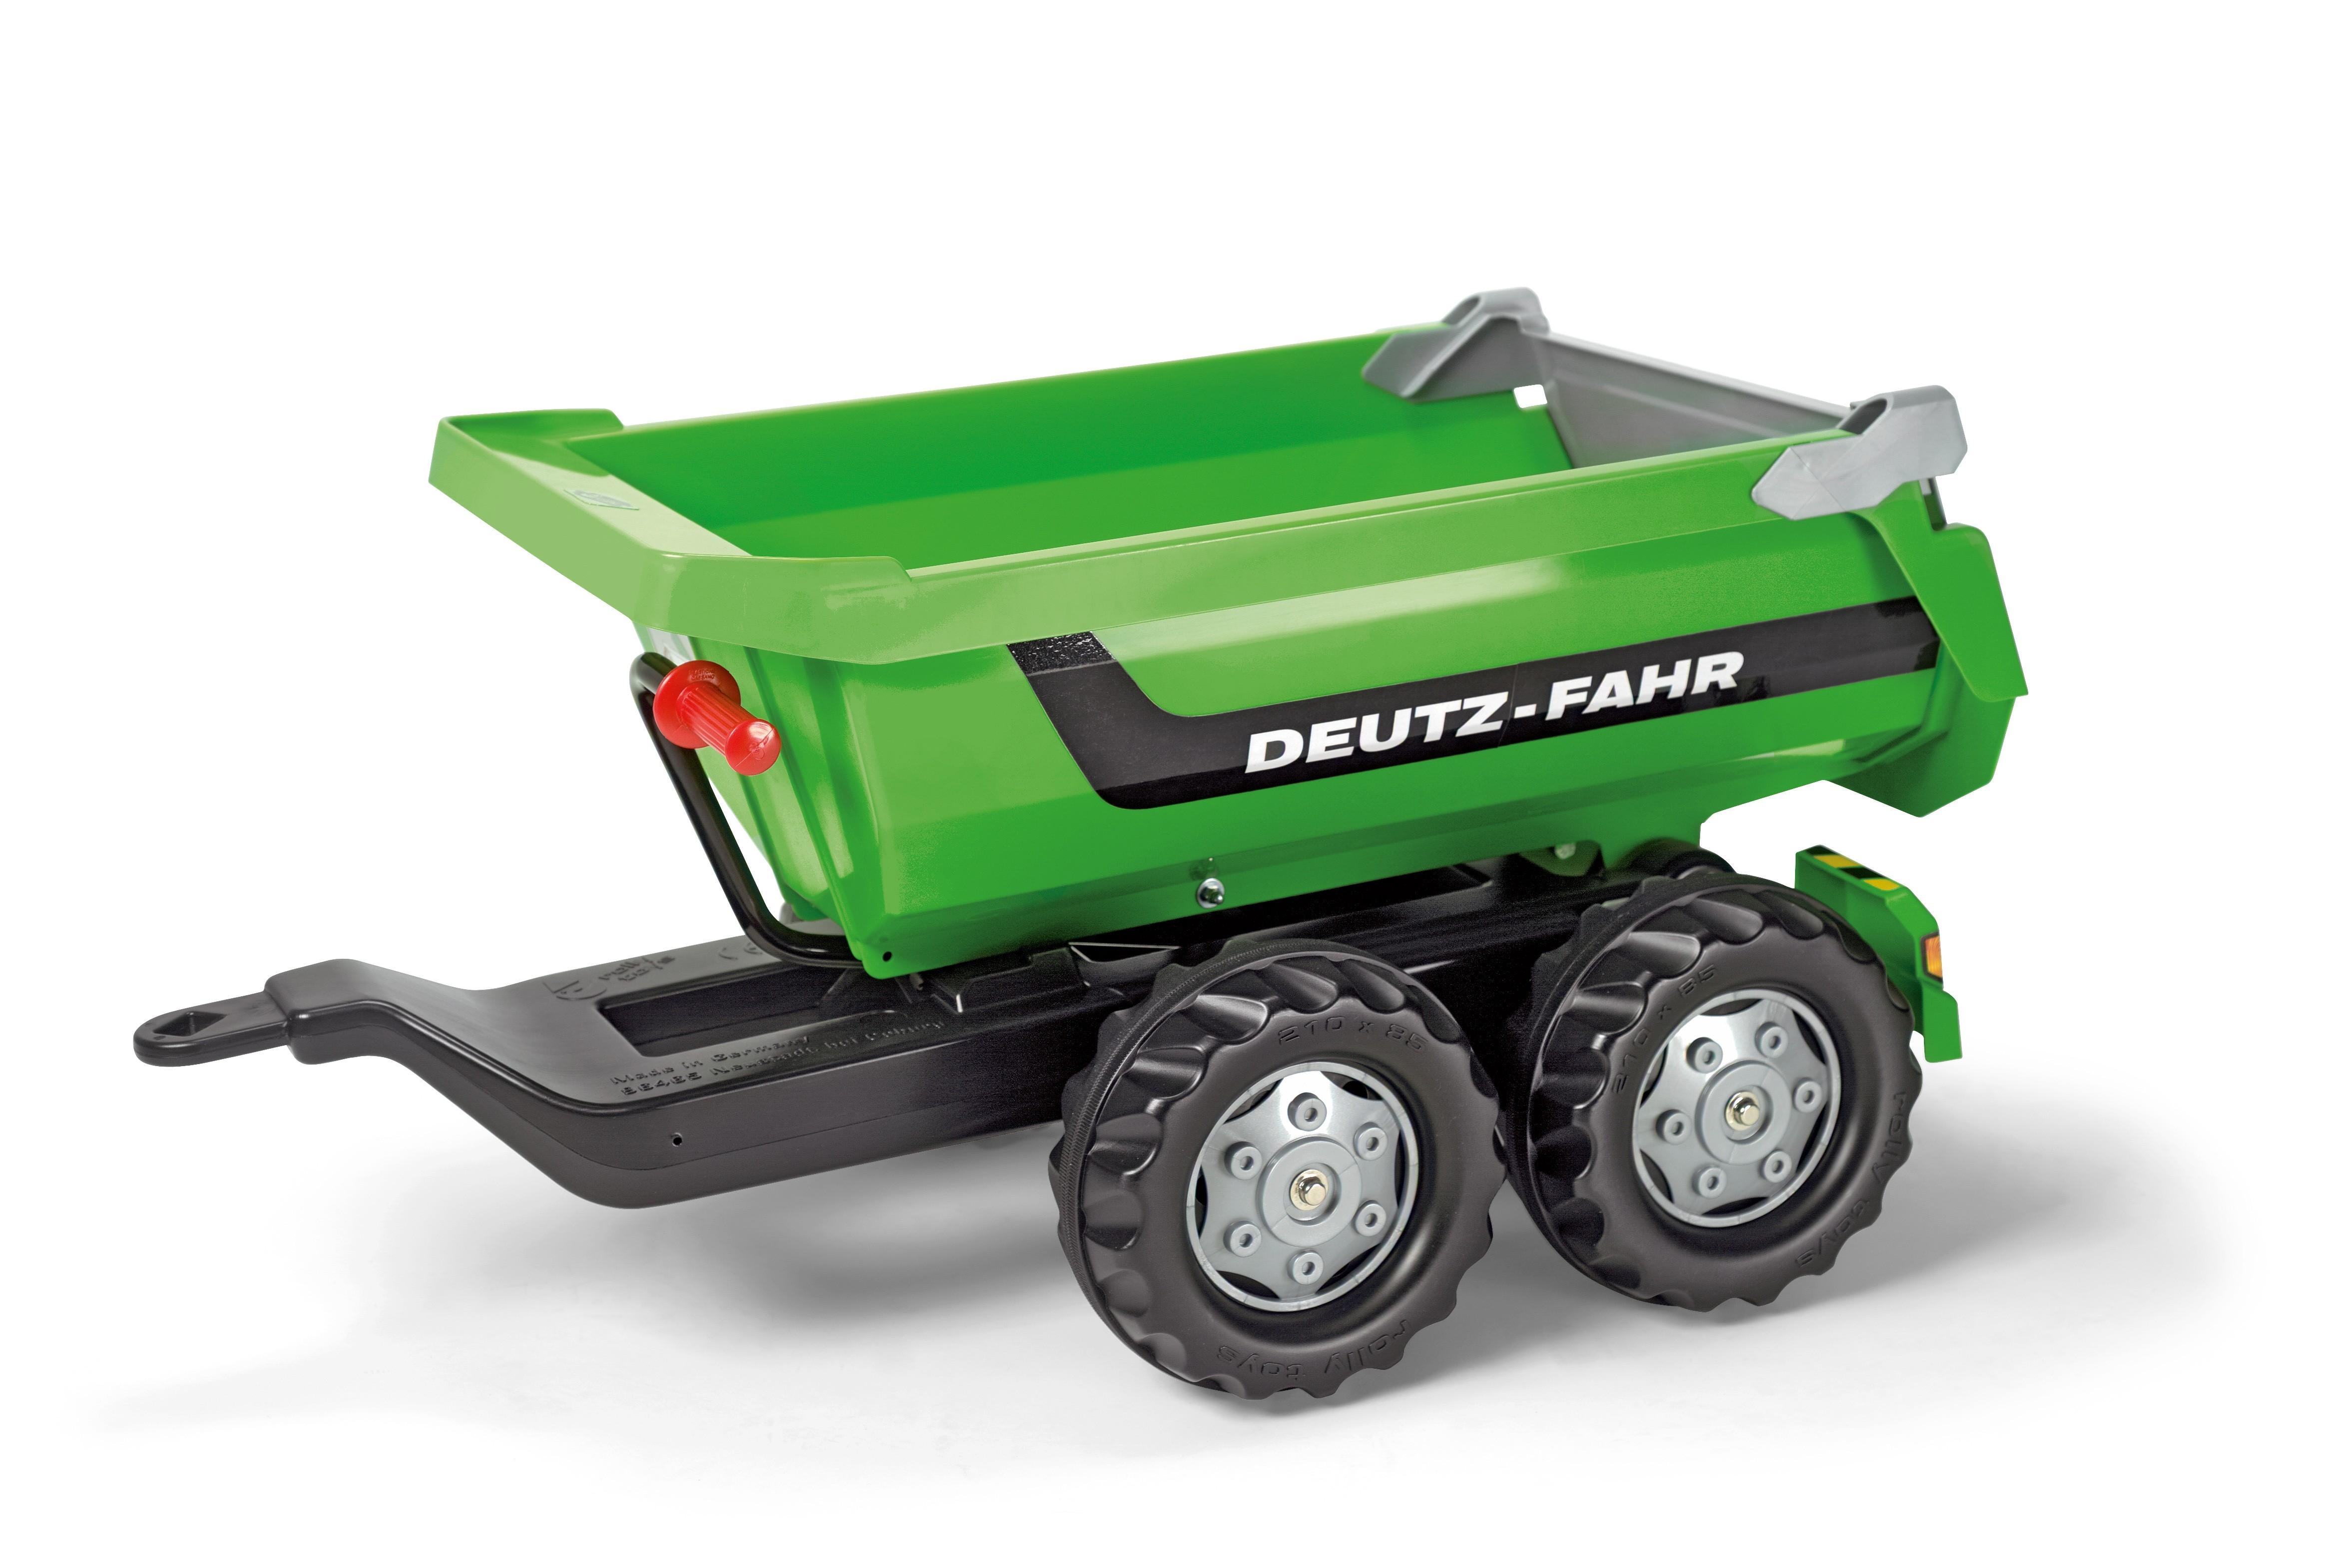 Anhänger für Tretfahrzeug rolly Halfpipe Deutz-Fahr - Rolly Toys Bild 1